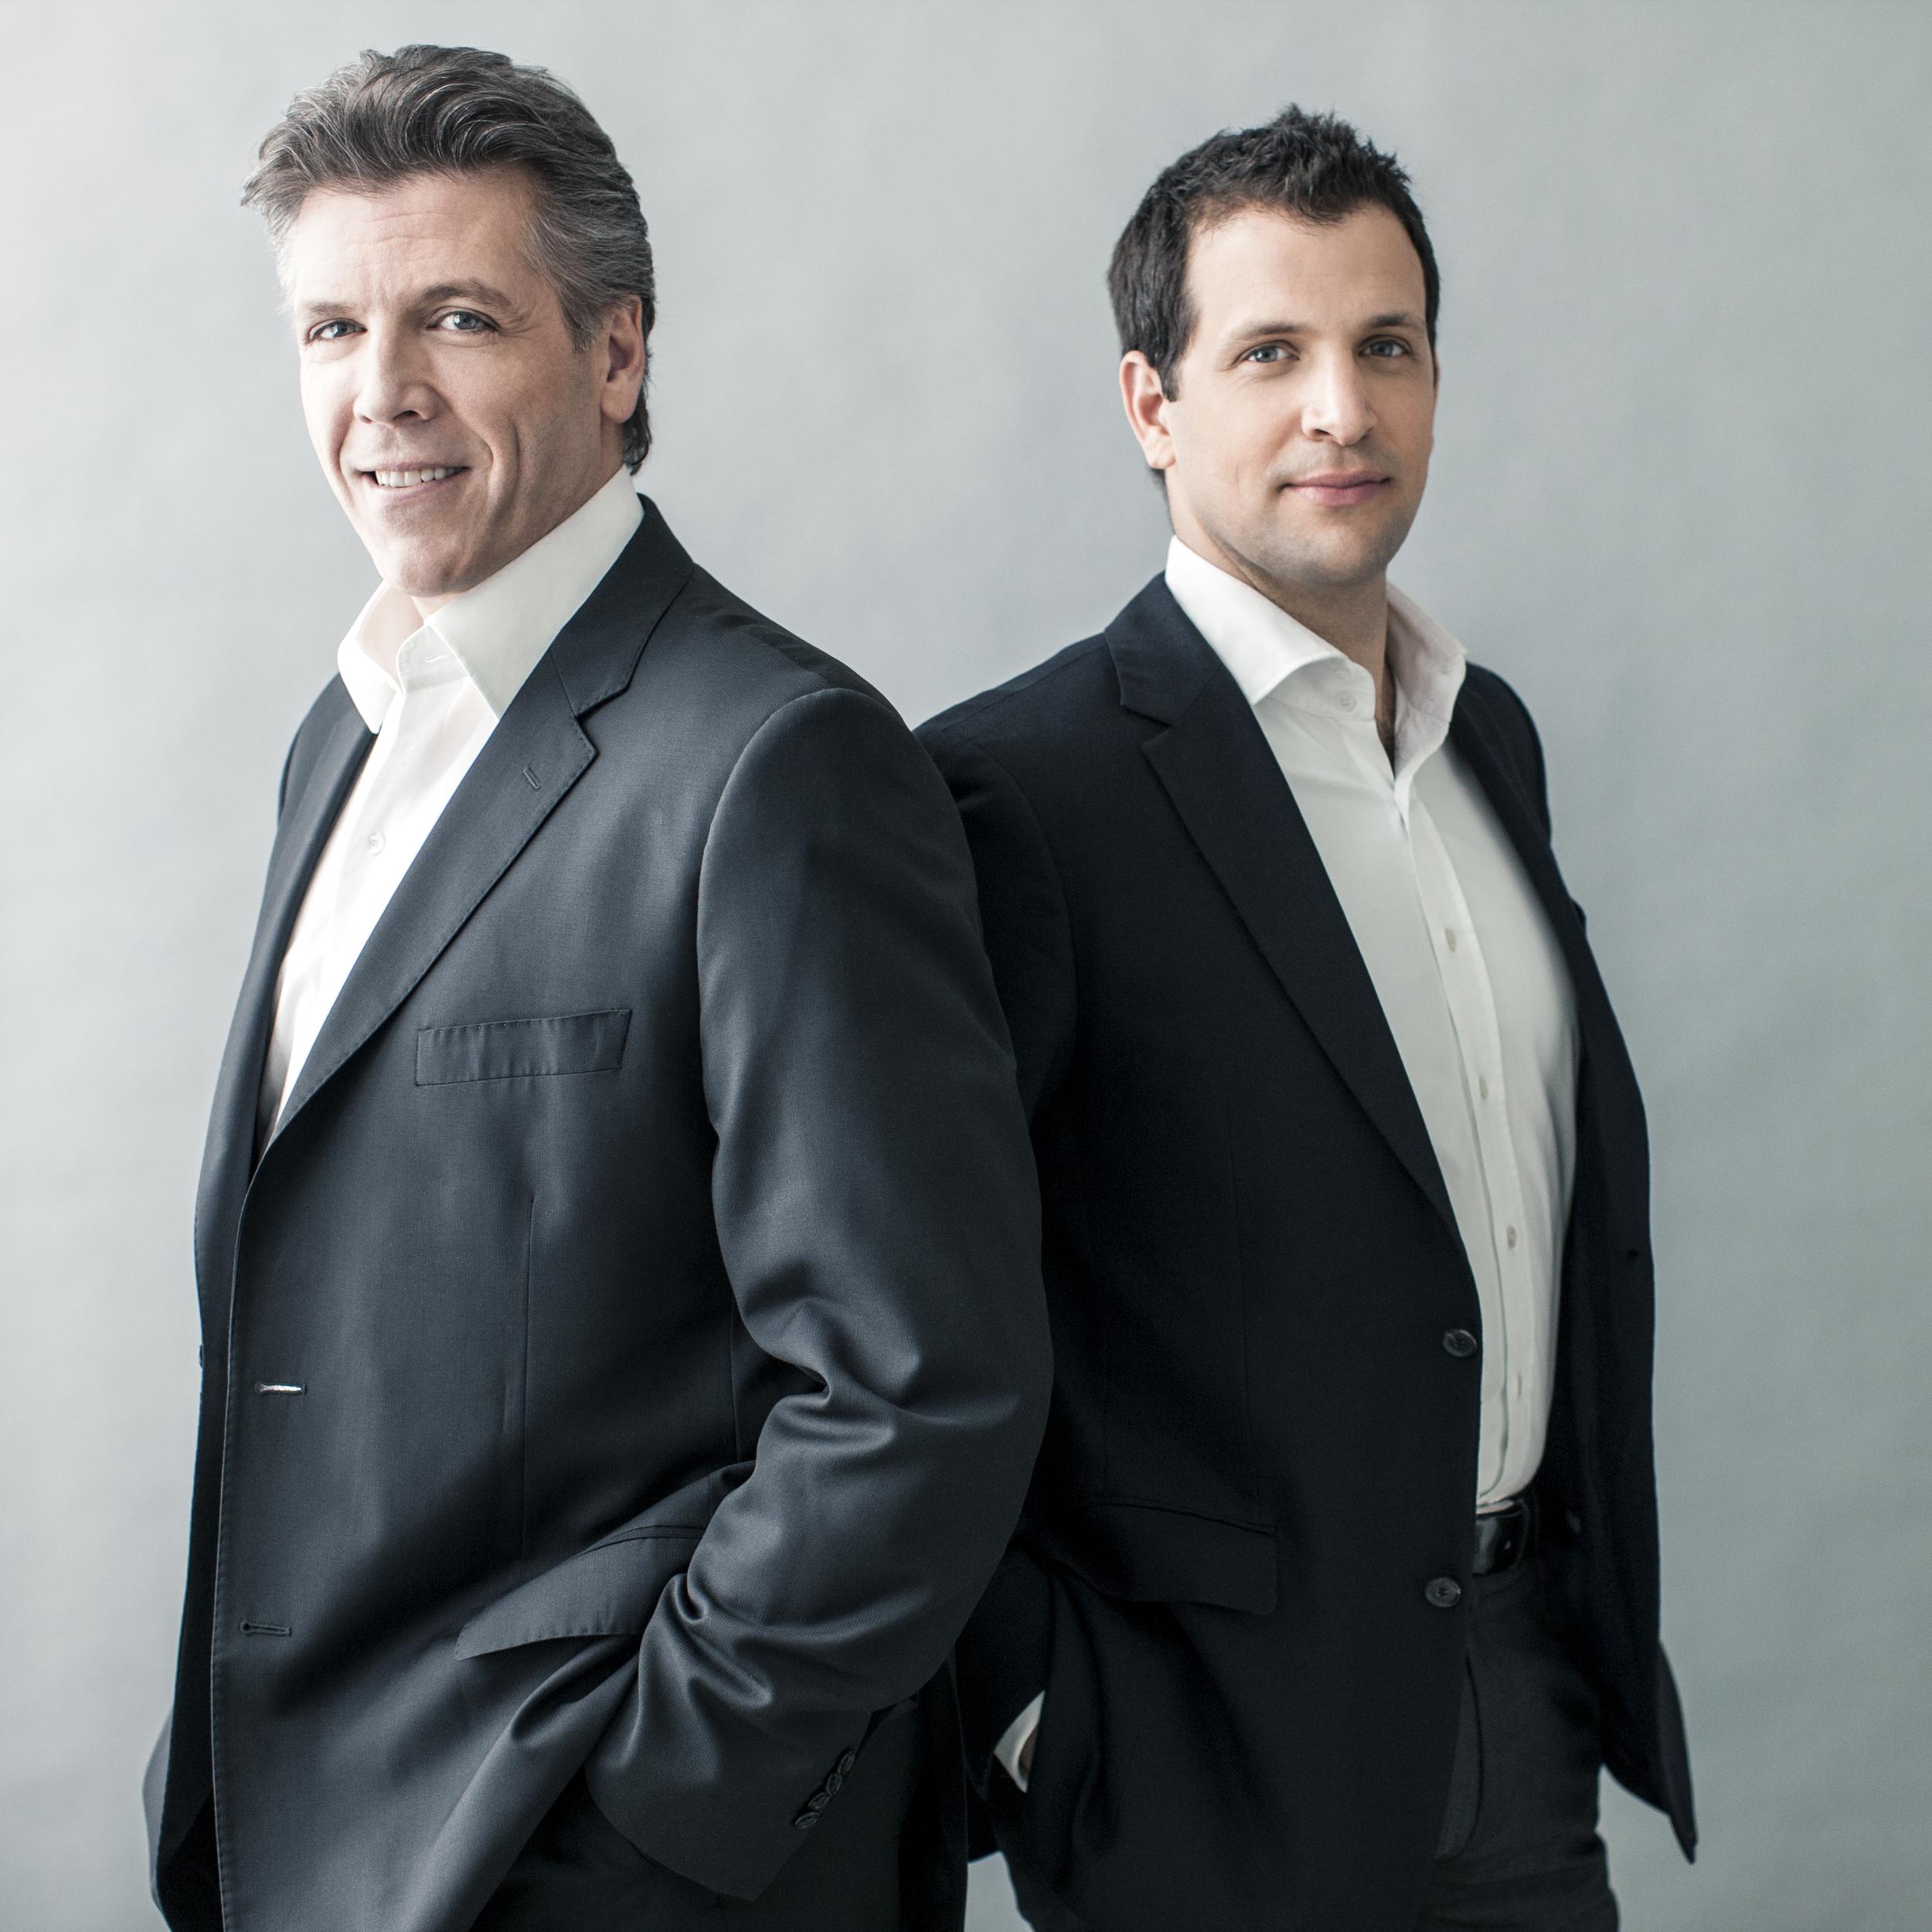 Thomas Hampson, Baritone and Luca Pisaroni, Bass-Baritone